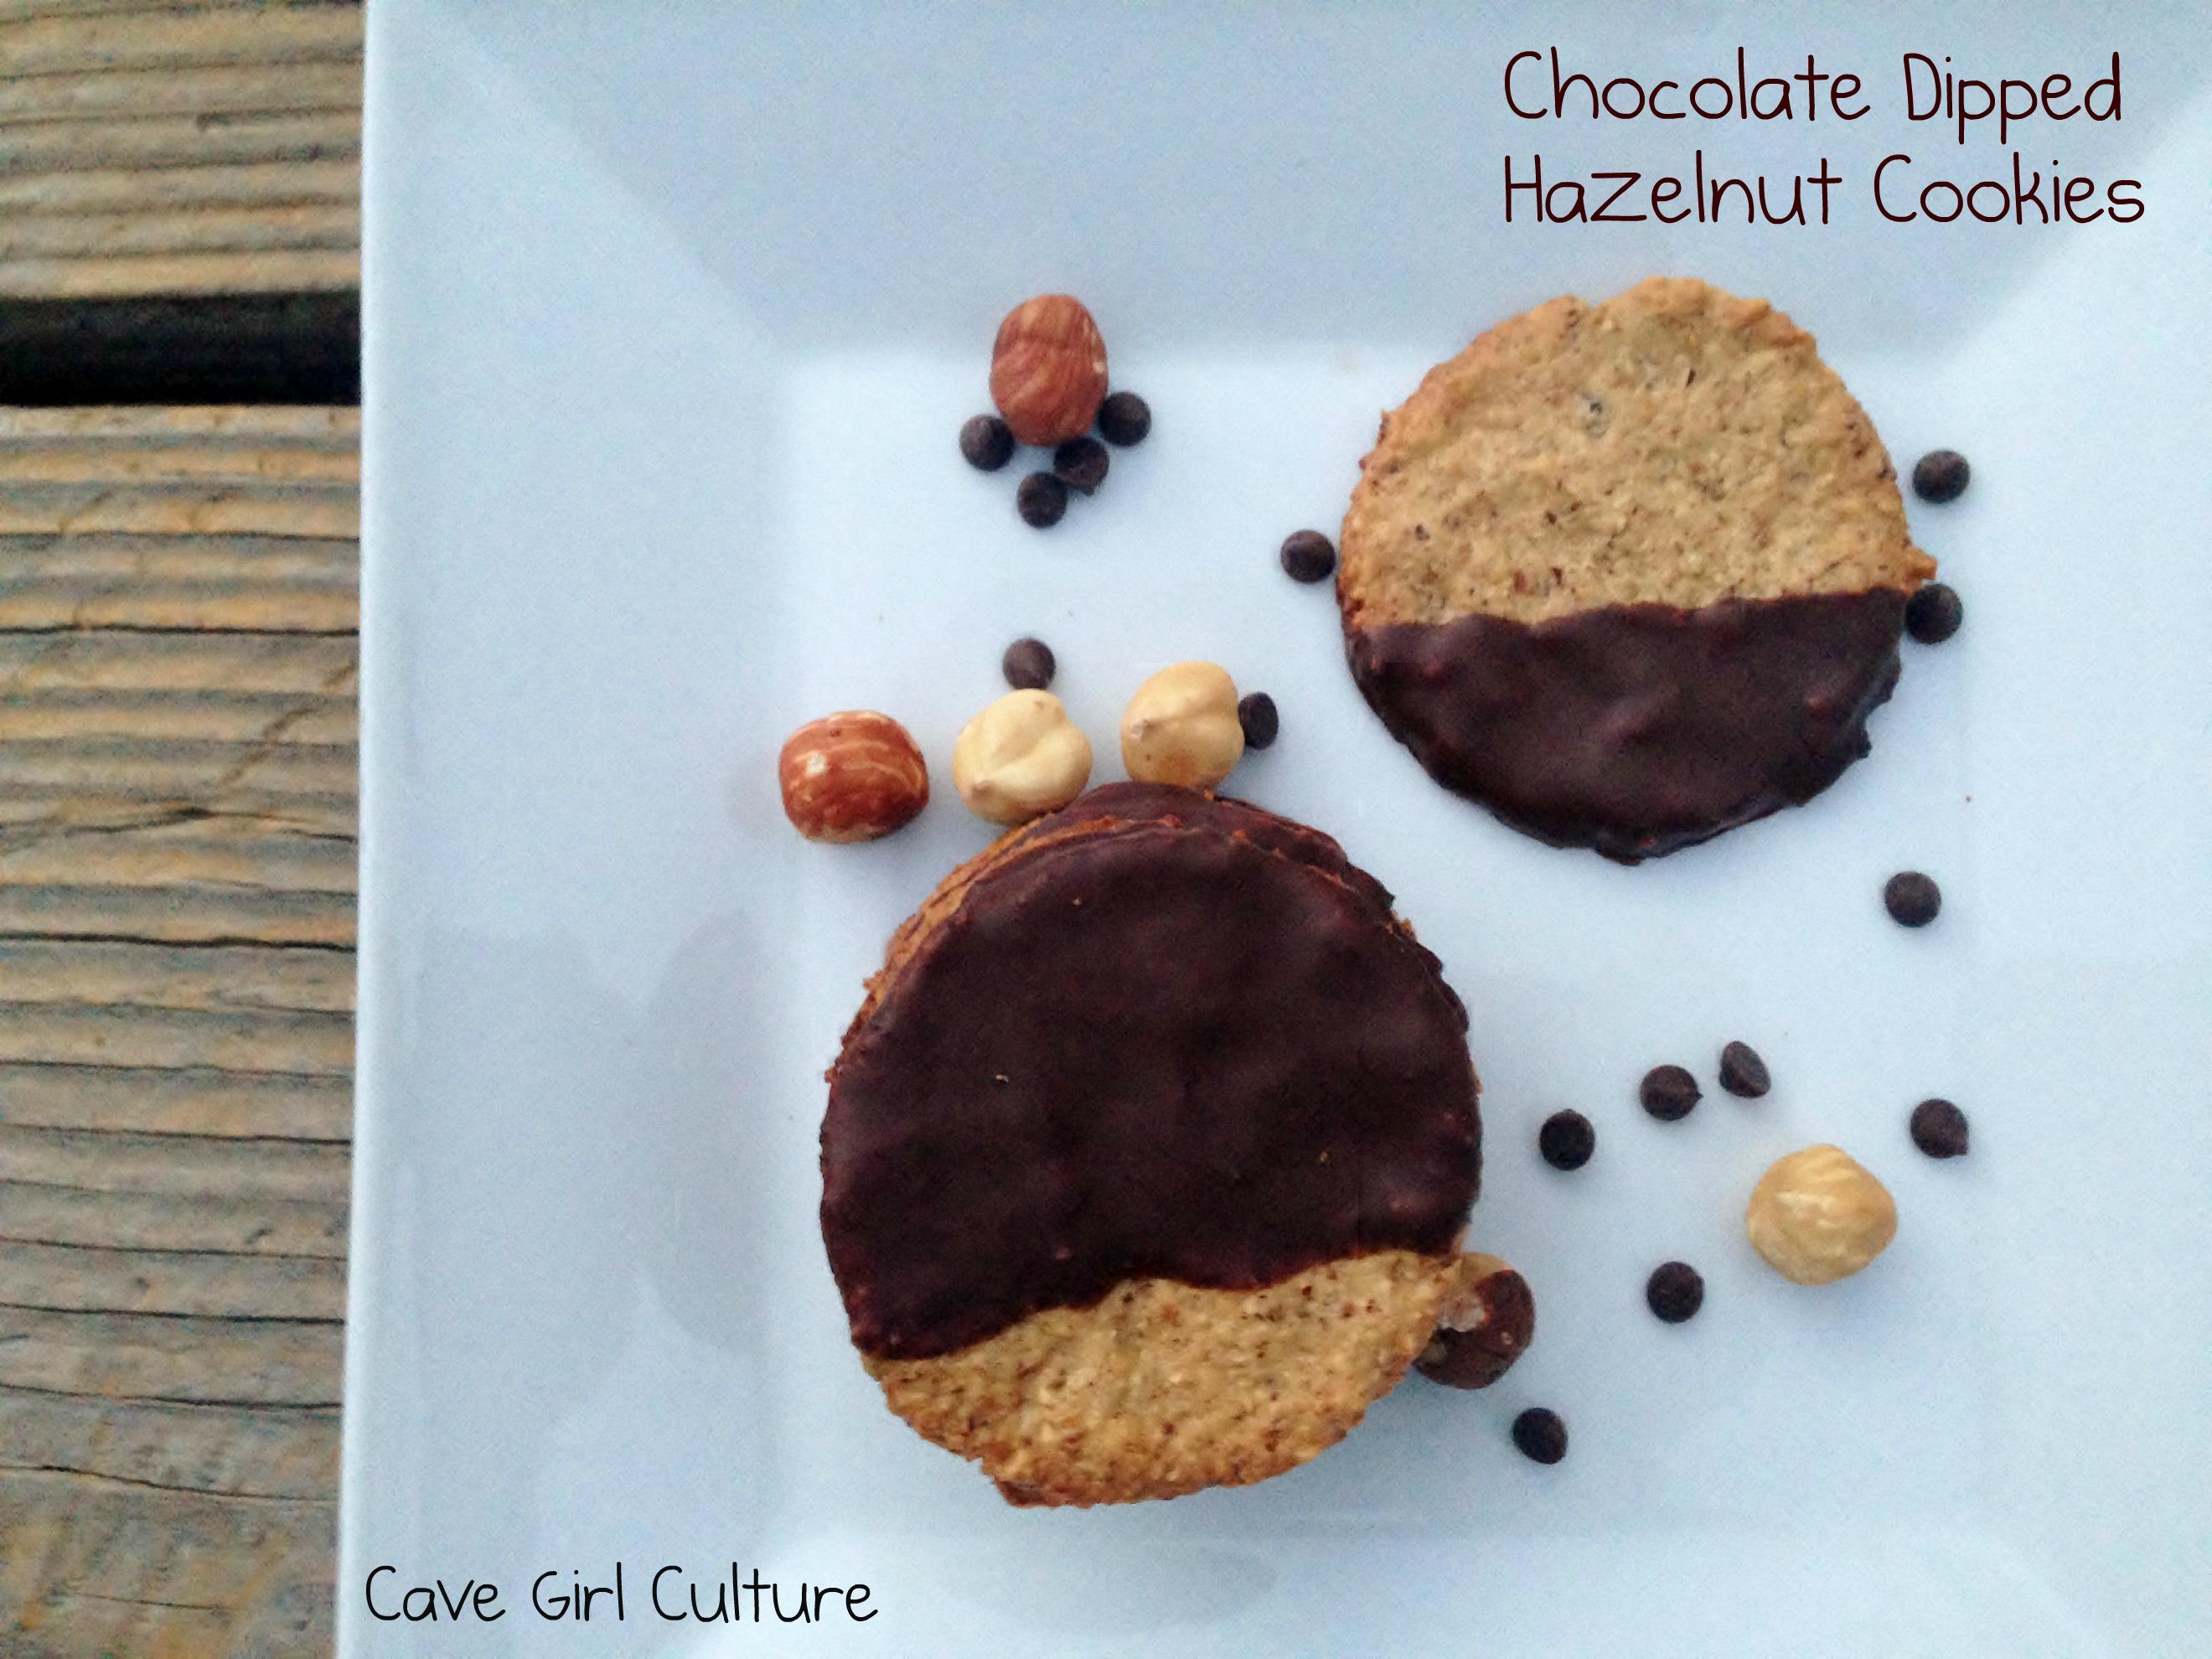 ... cookies with chocolate glazed hazelnut chocolate glazed hazelnut